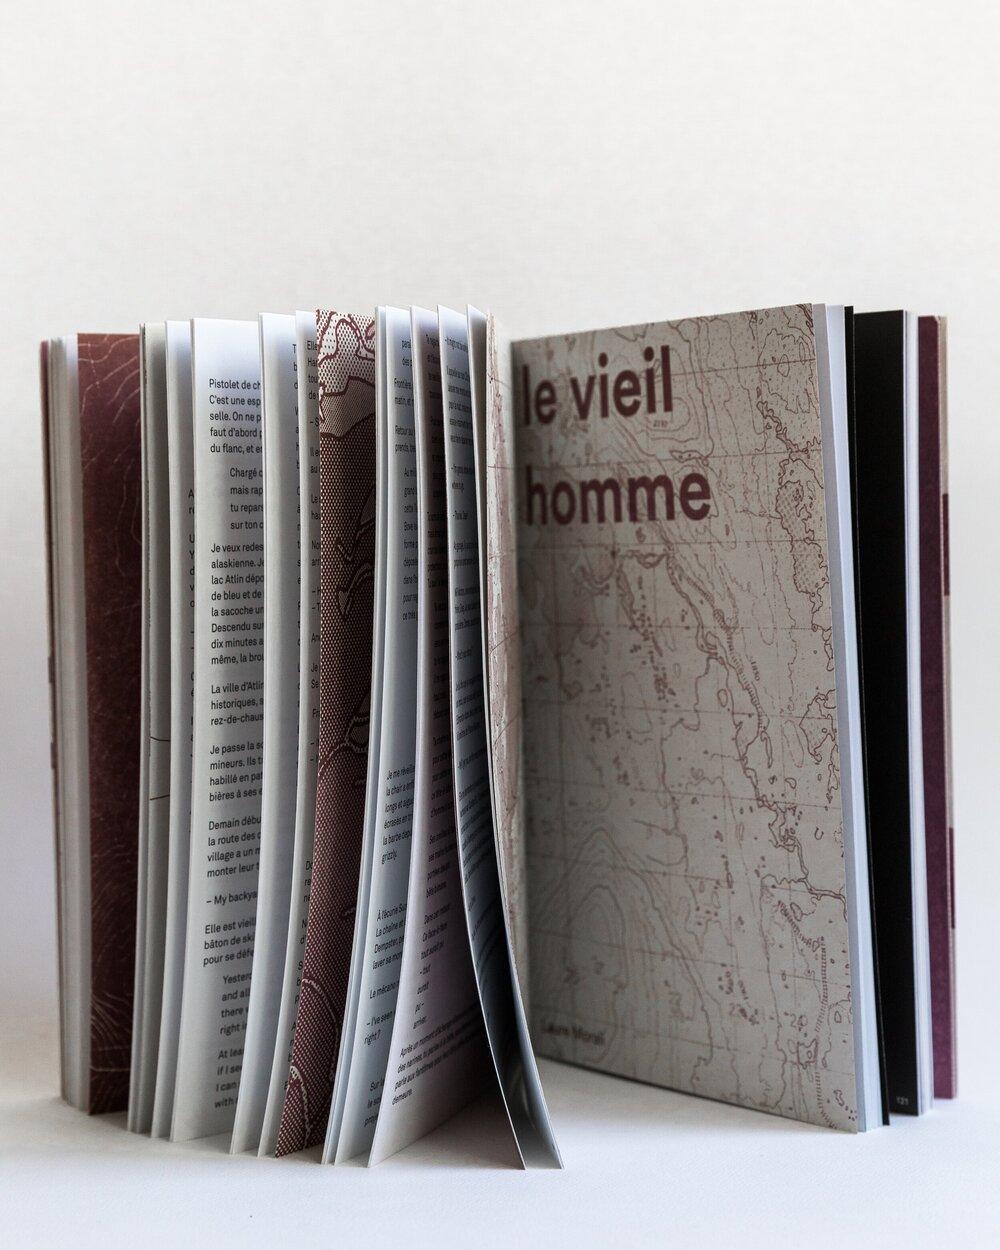 Sur l'image, le livre papier Oùrs est ouvert à une page où l'on voit une cartographie, ce qui montre qu'il s'agit d'un livre d'art.